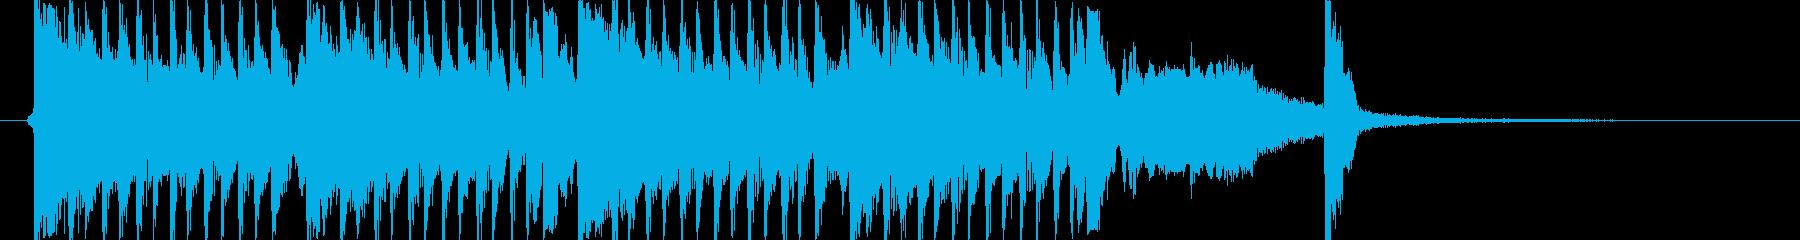 和風ジングル、コミカル、尺八、三味線、琴の再生済みの波形